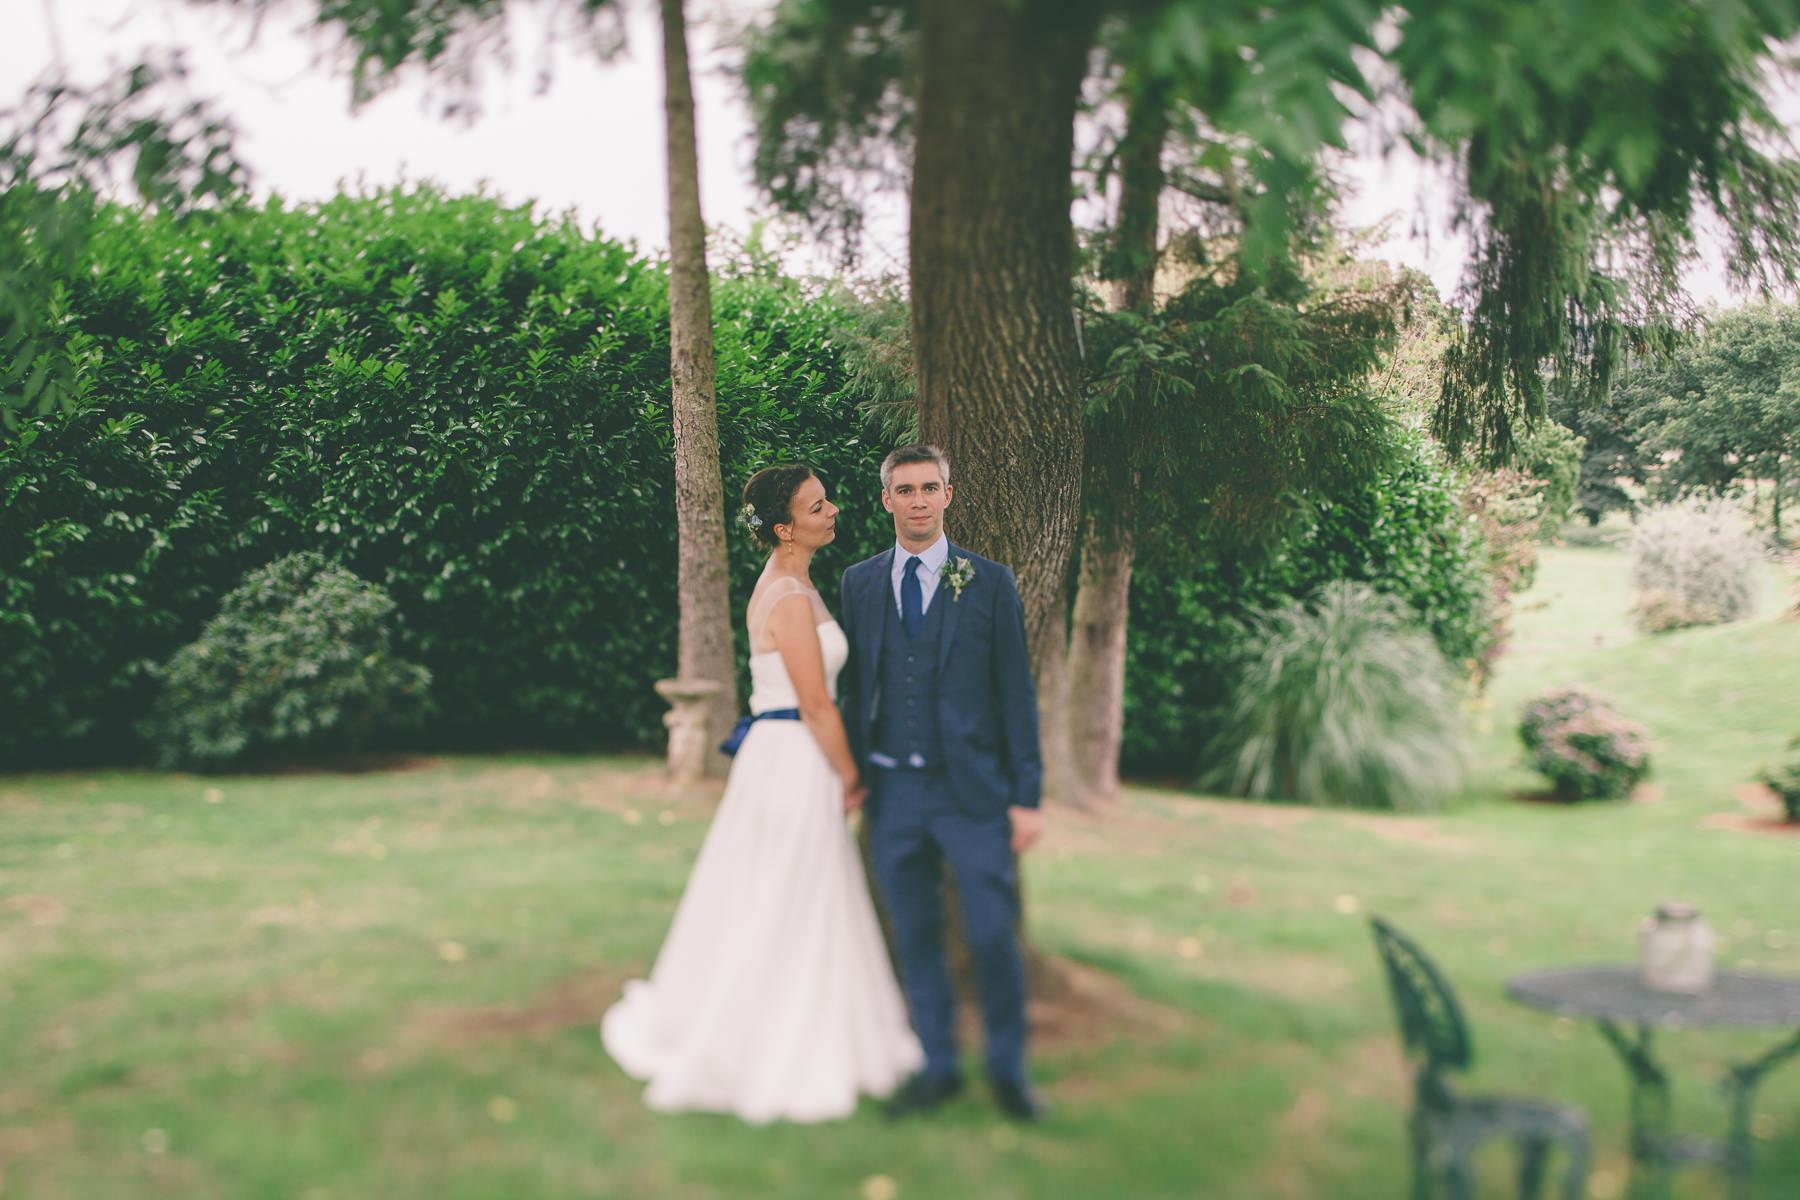 upton-barn-walled-garden-devon-wedding-photography-157